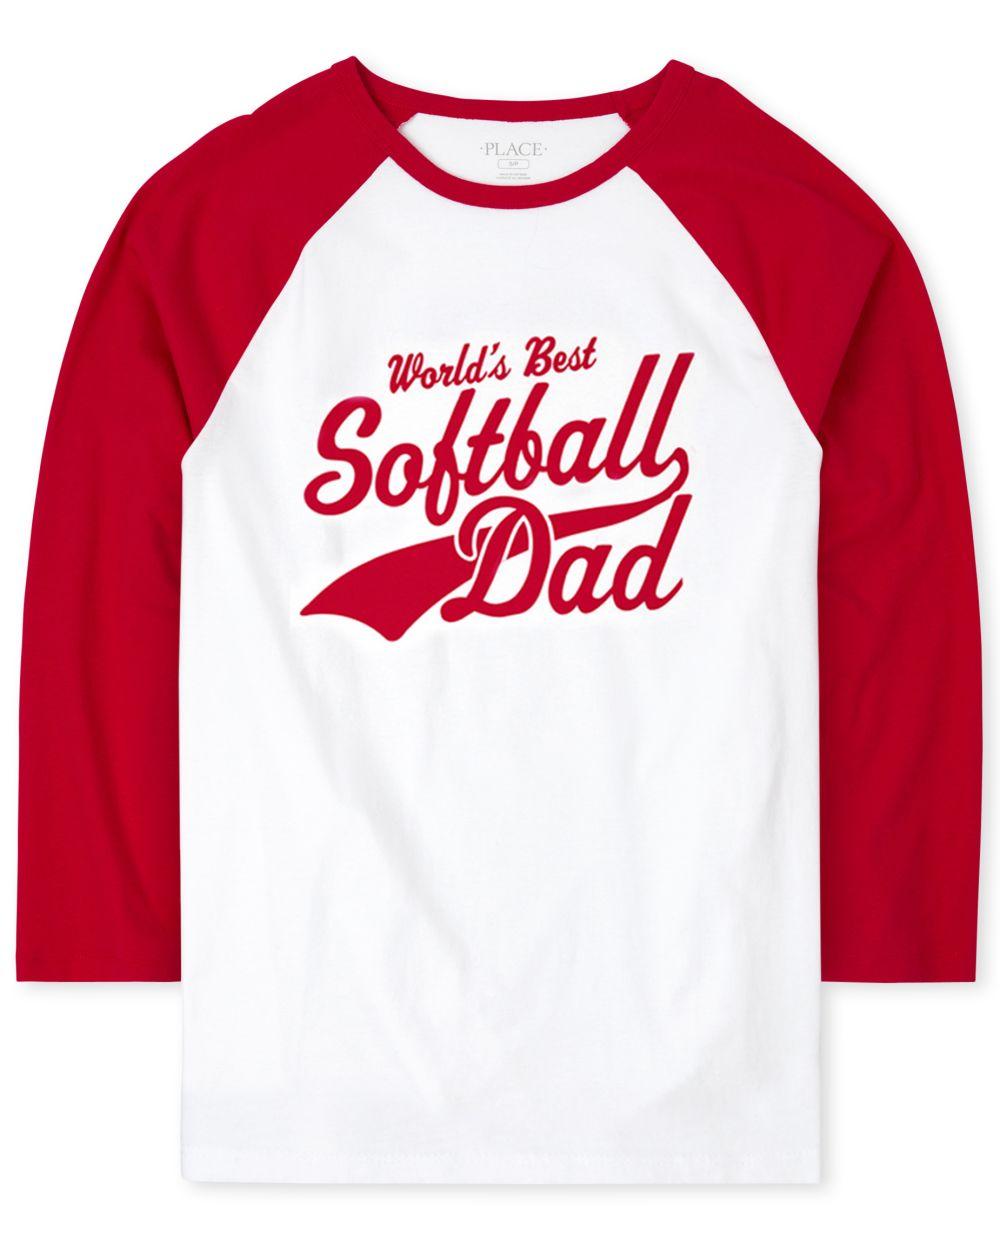 Mens Matching Family Softball Graphic Tee